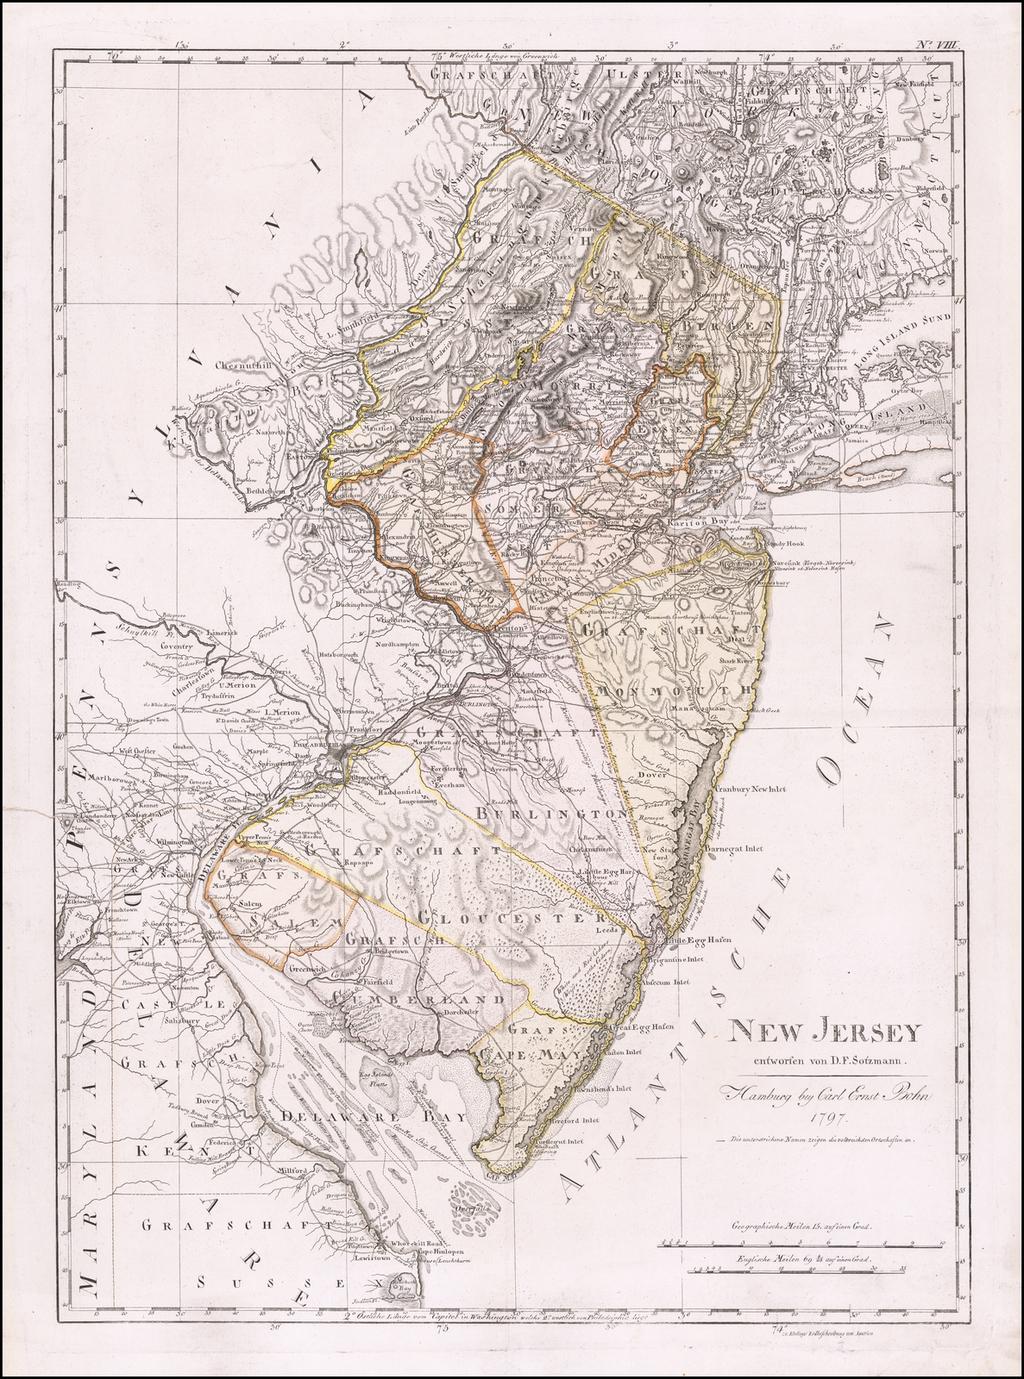 New Jersey entworfen von D.F. Sotzmann . . .  1797 By Daniel Friedrich Sotzmann